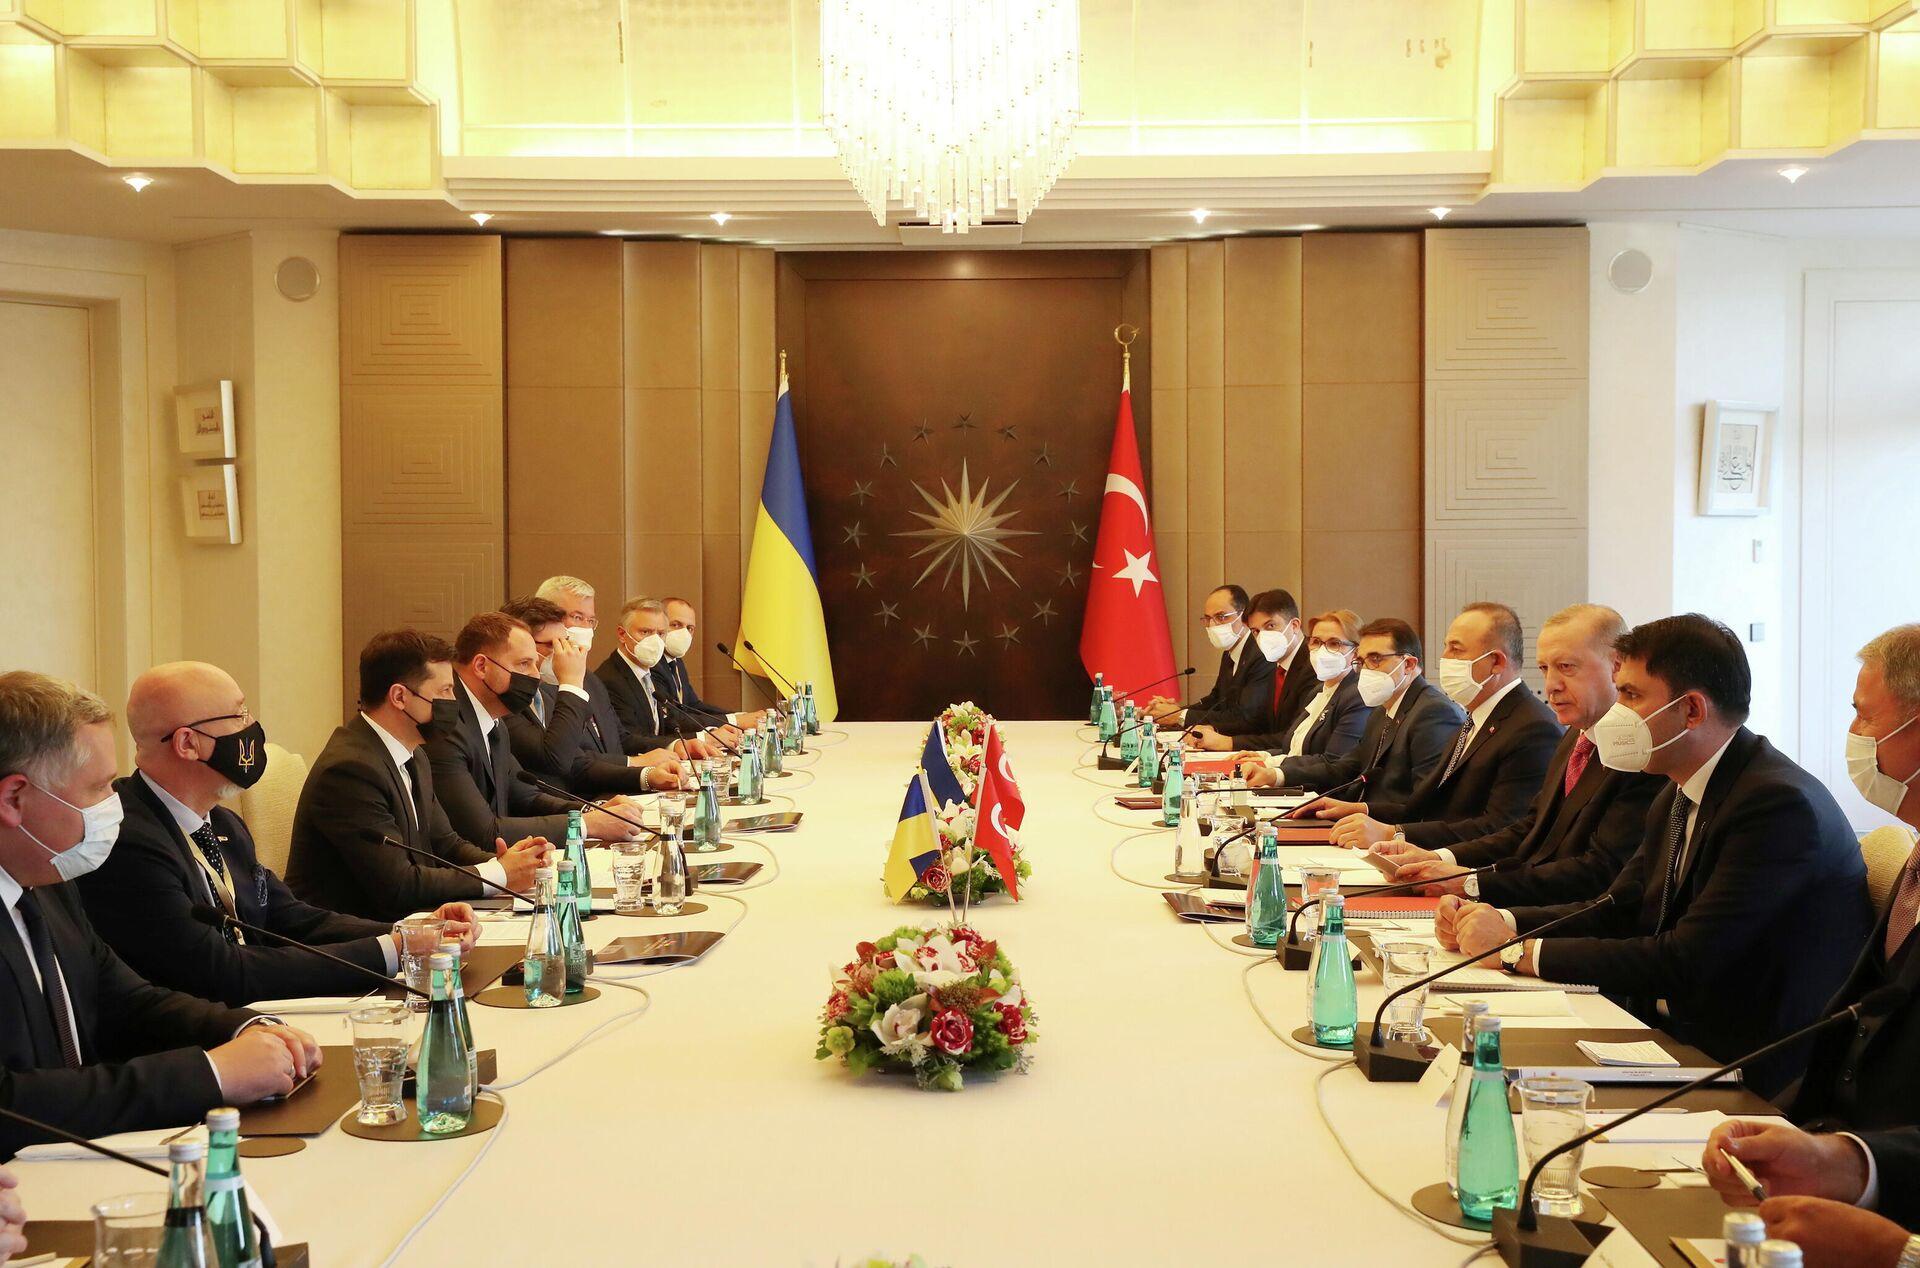 Президент Турции Тайип Эрдоган и президент Украины Владимир Зеленский во время встречи в Стамбуле, Турция - РИА Новости, 1920, 28.04.2021